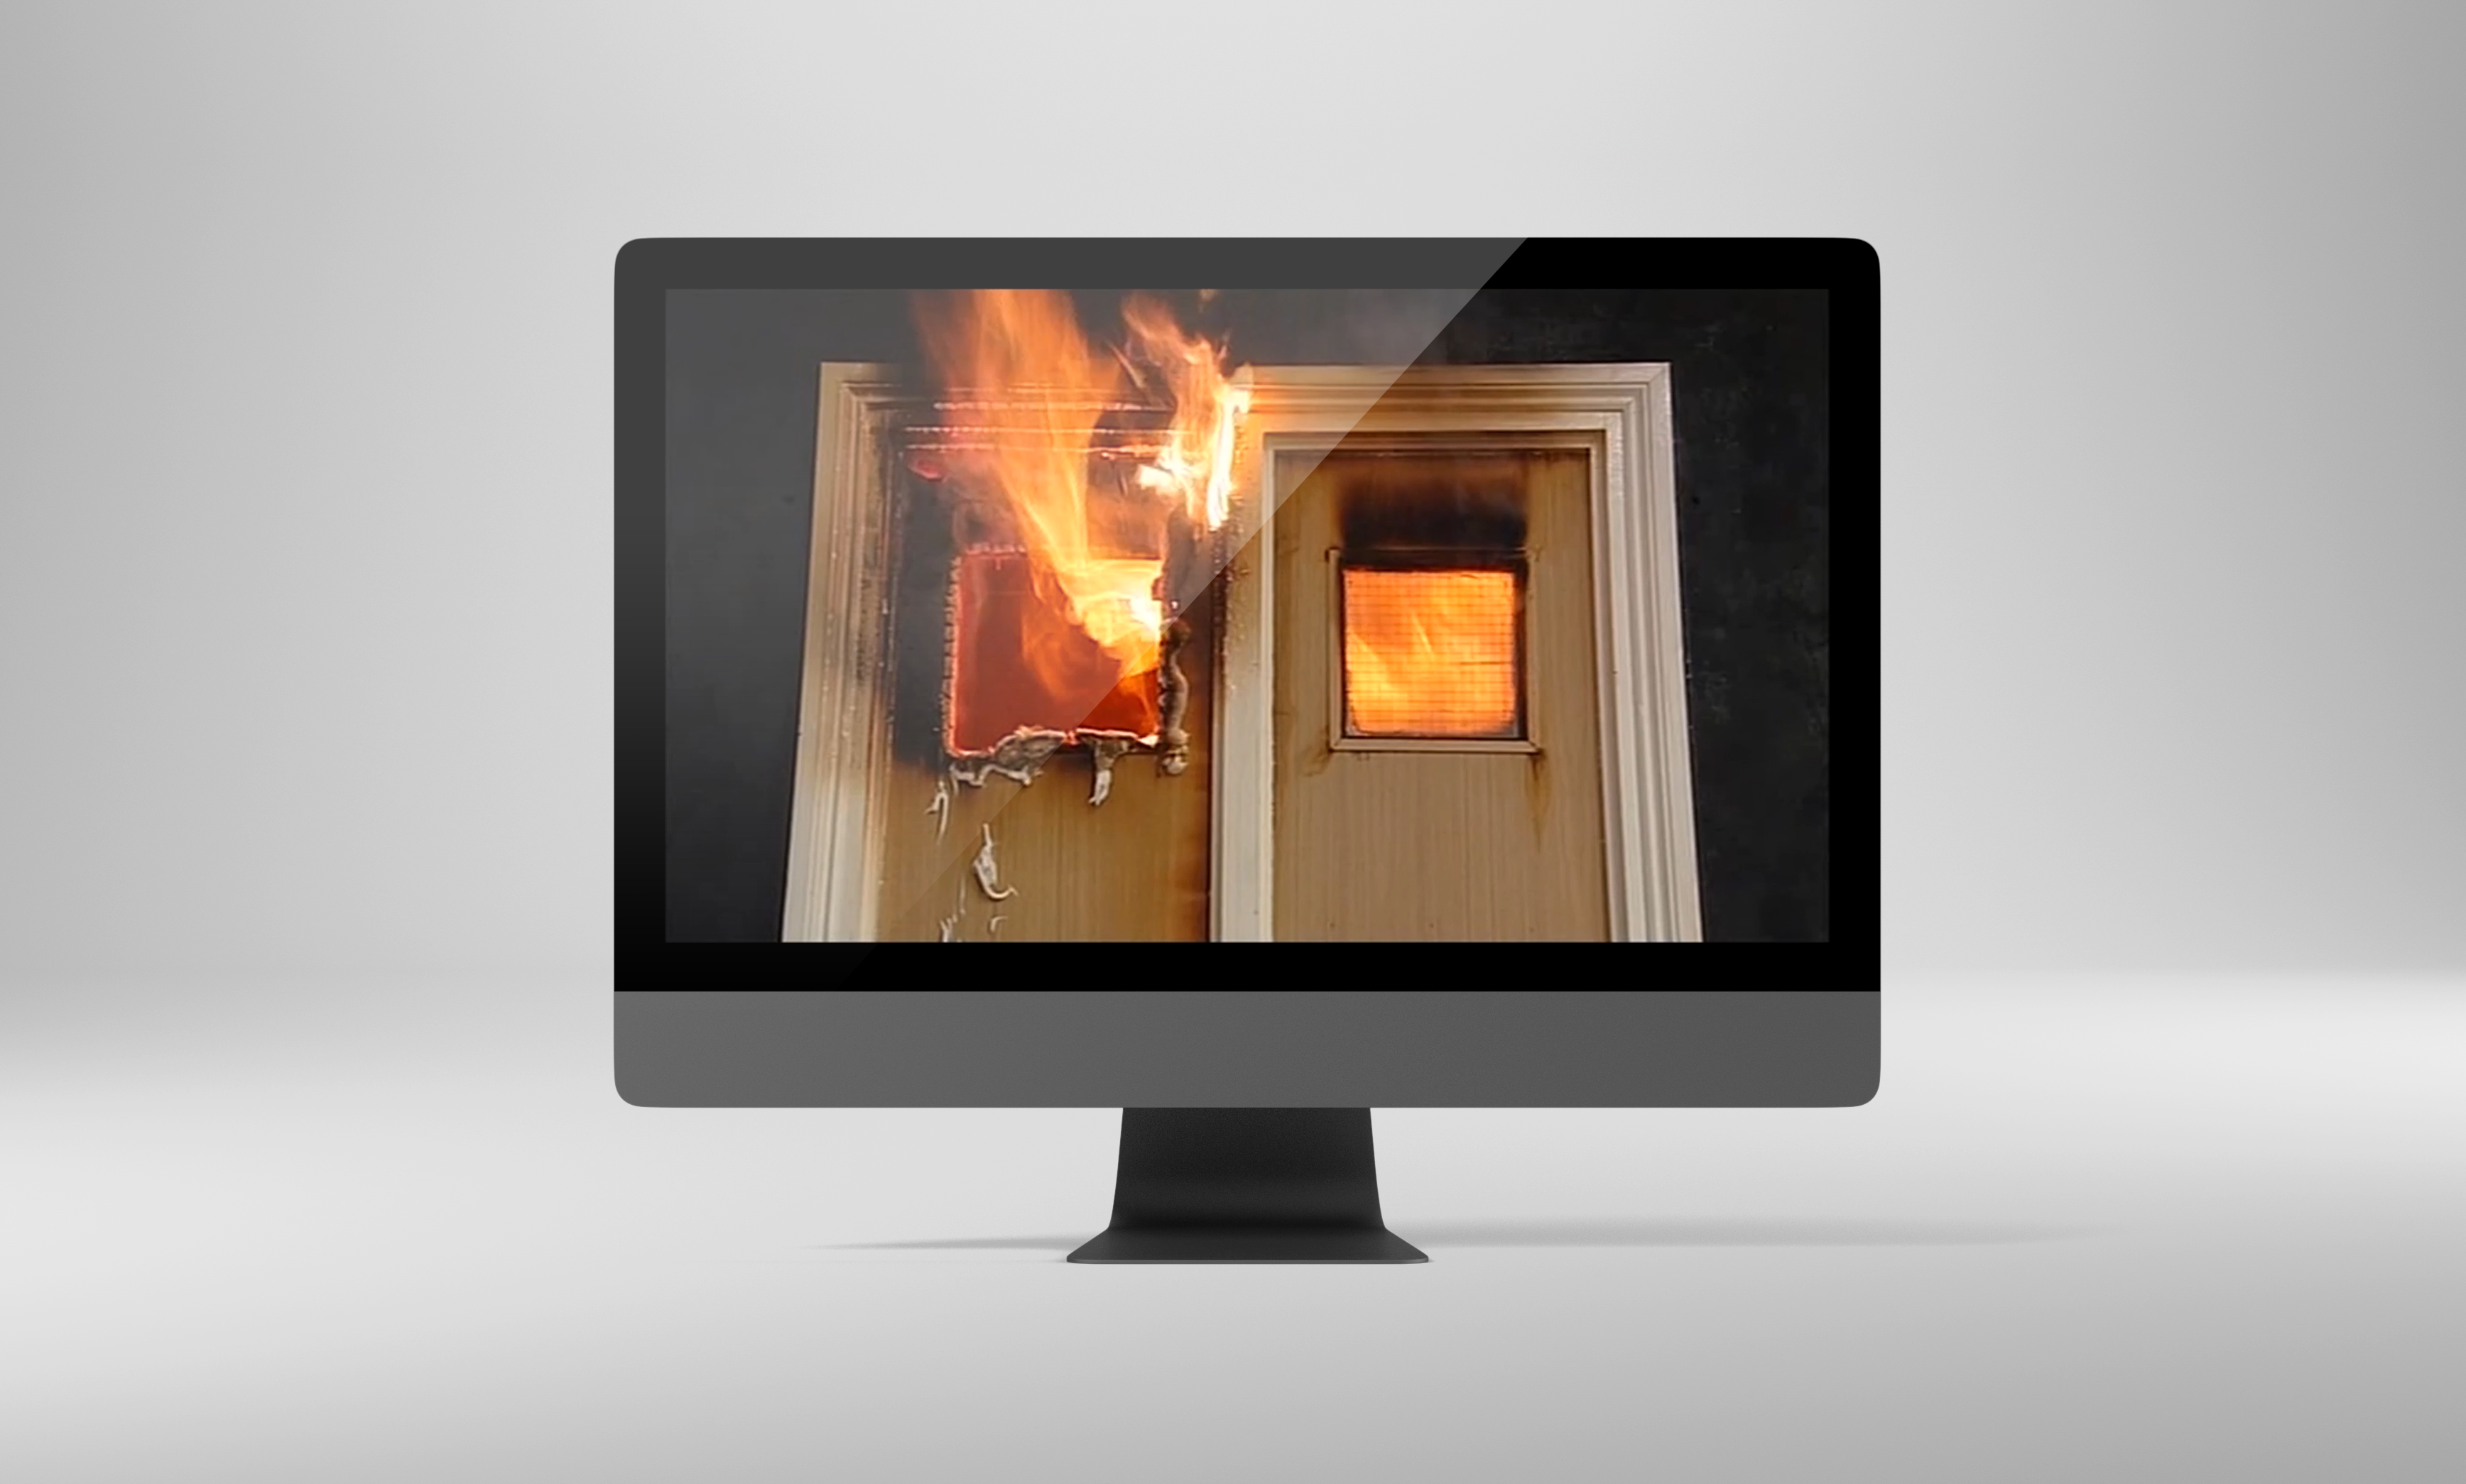 Fire testing via live streams